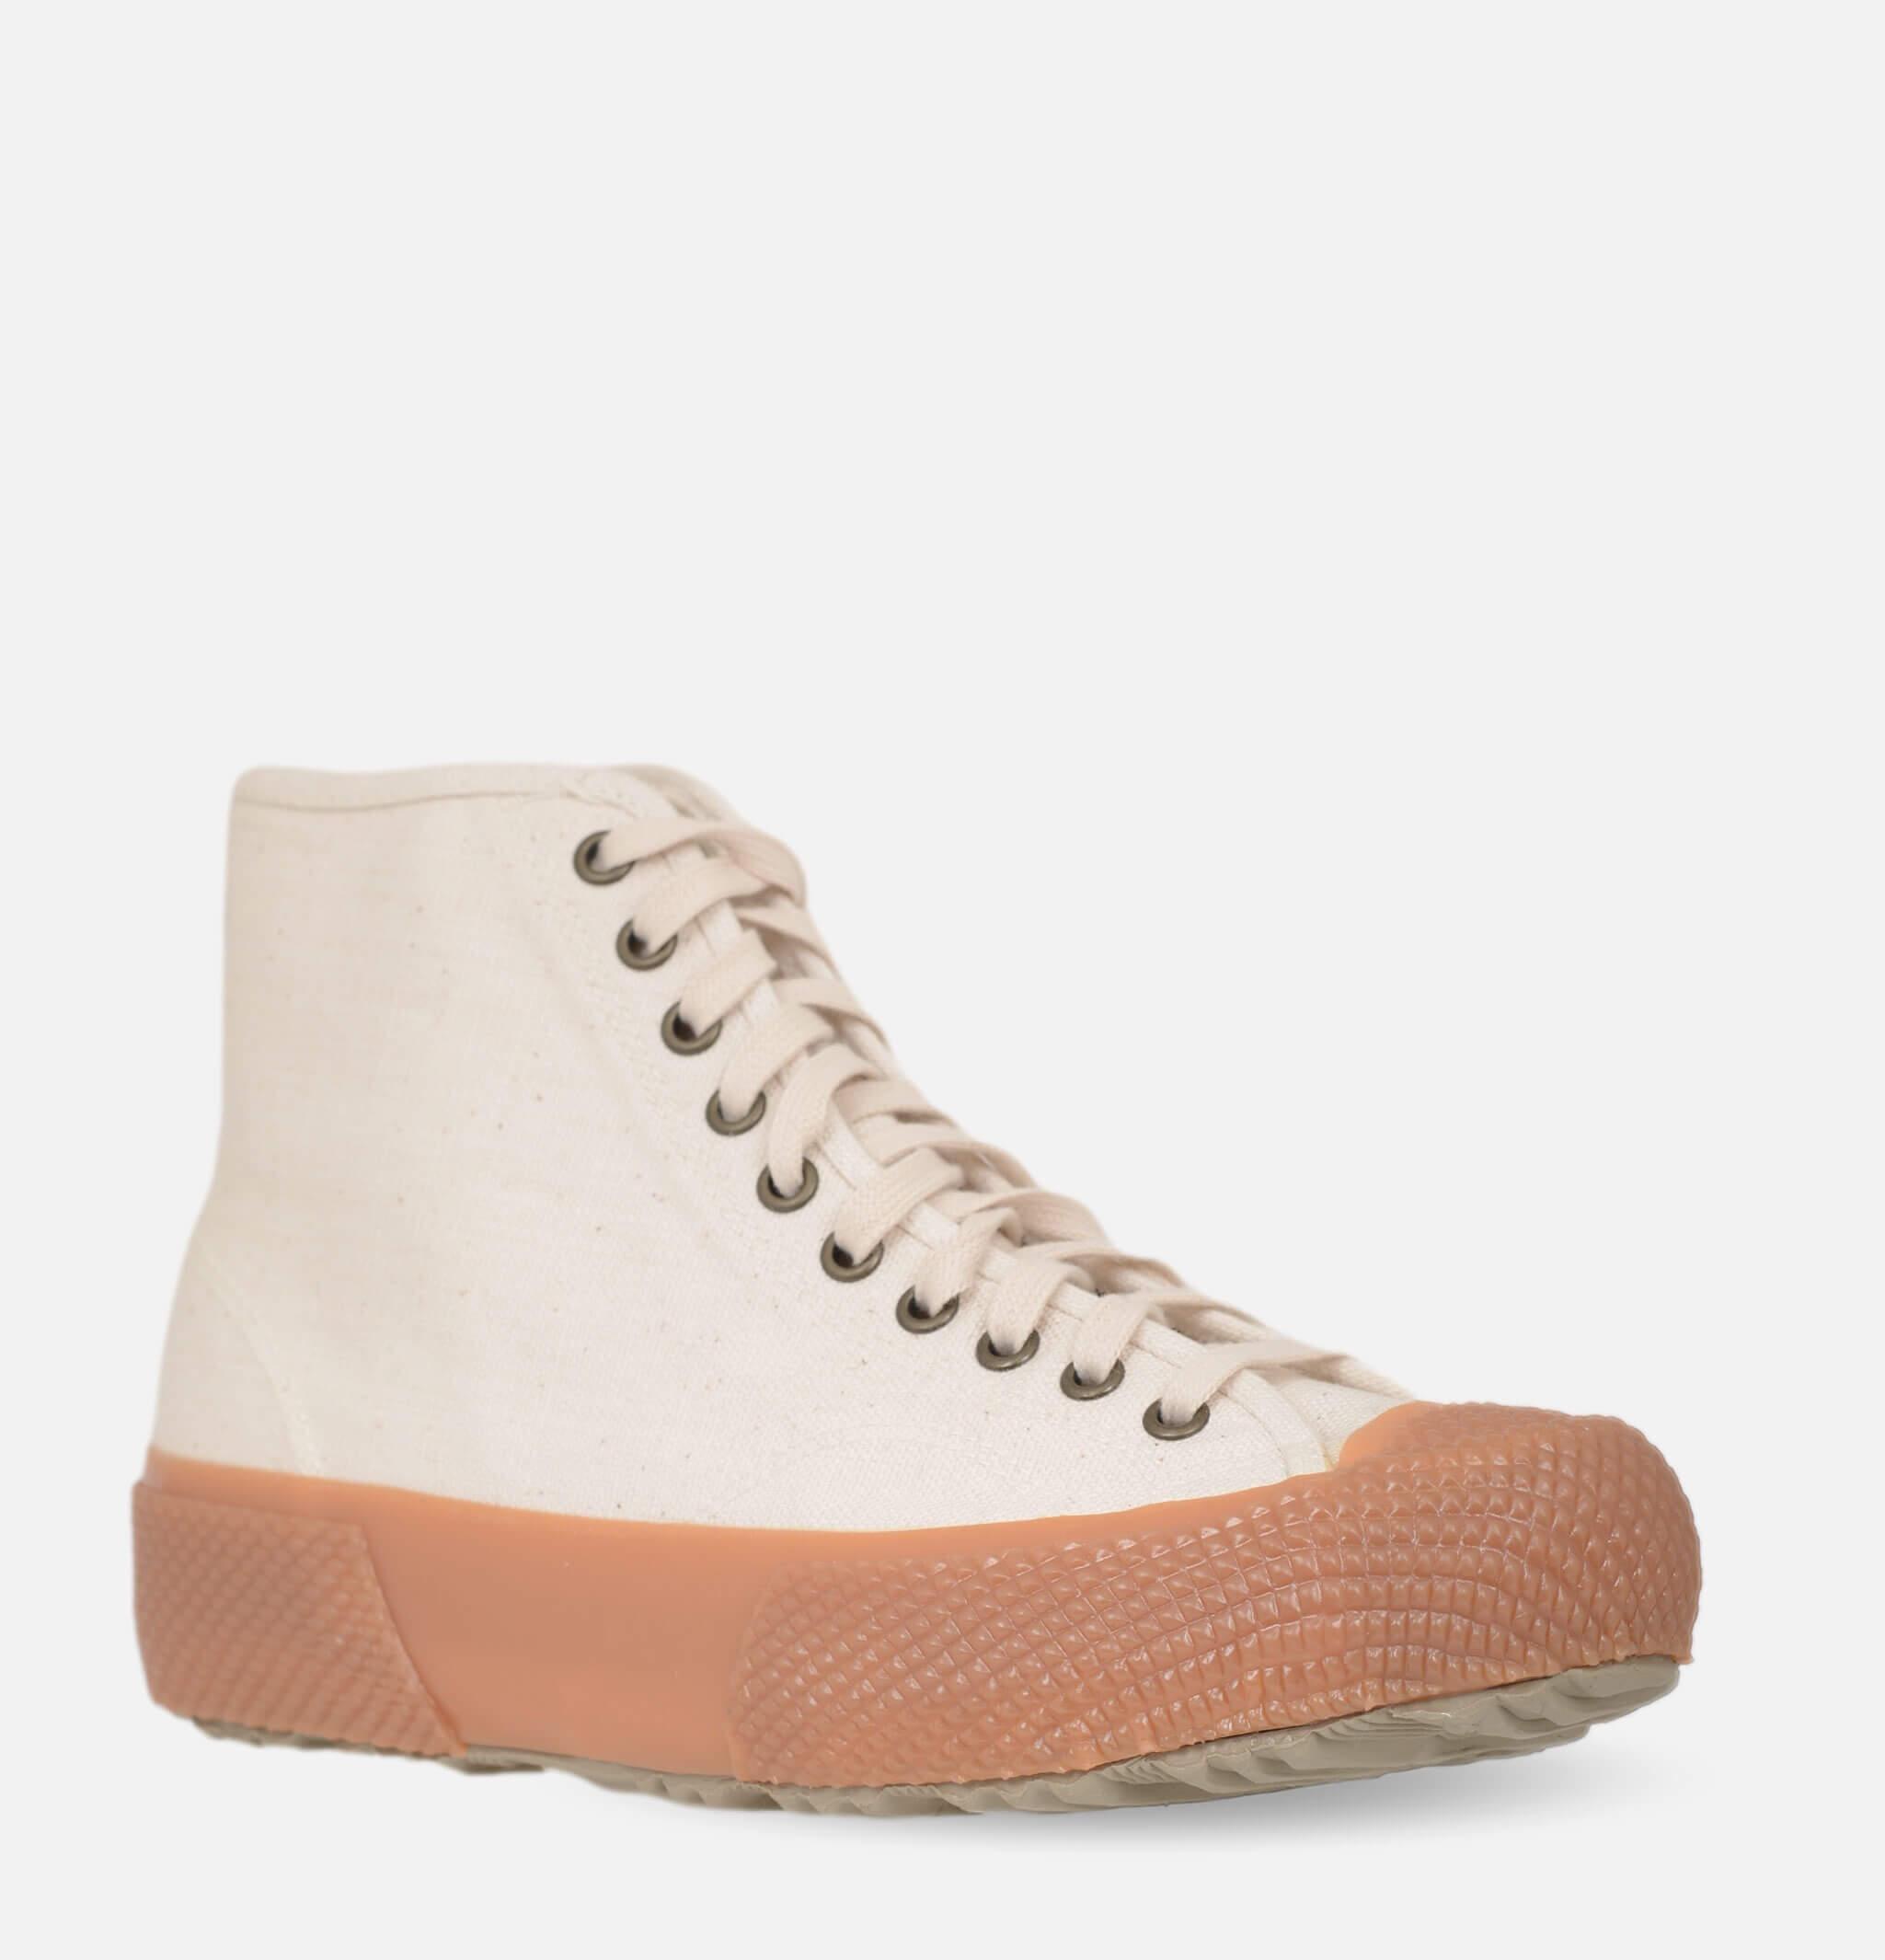 MS11 Kuroki Sneakers White